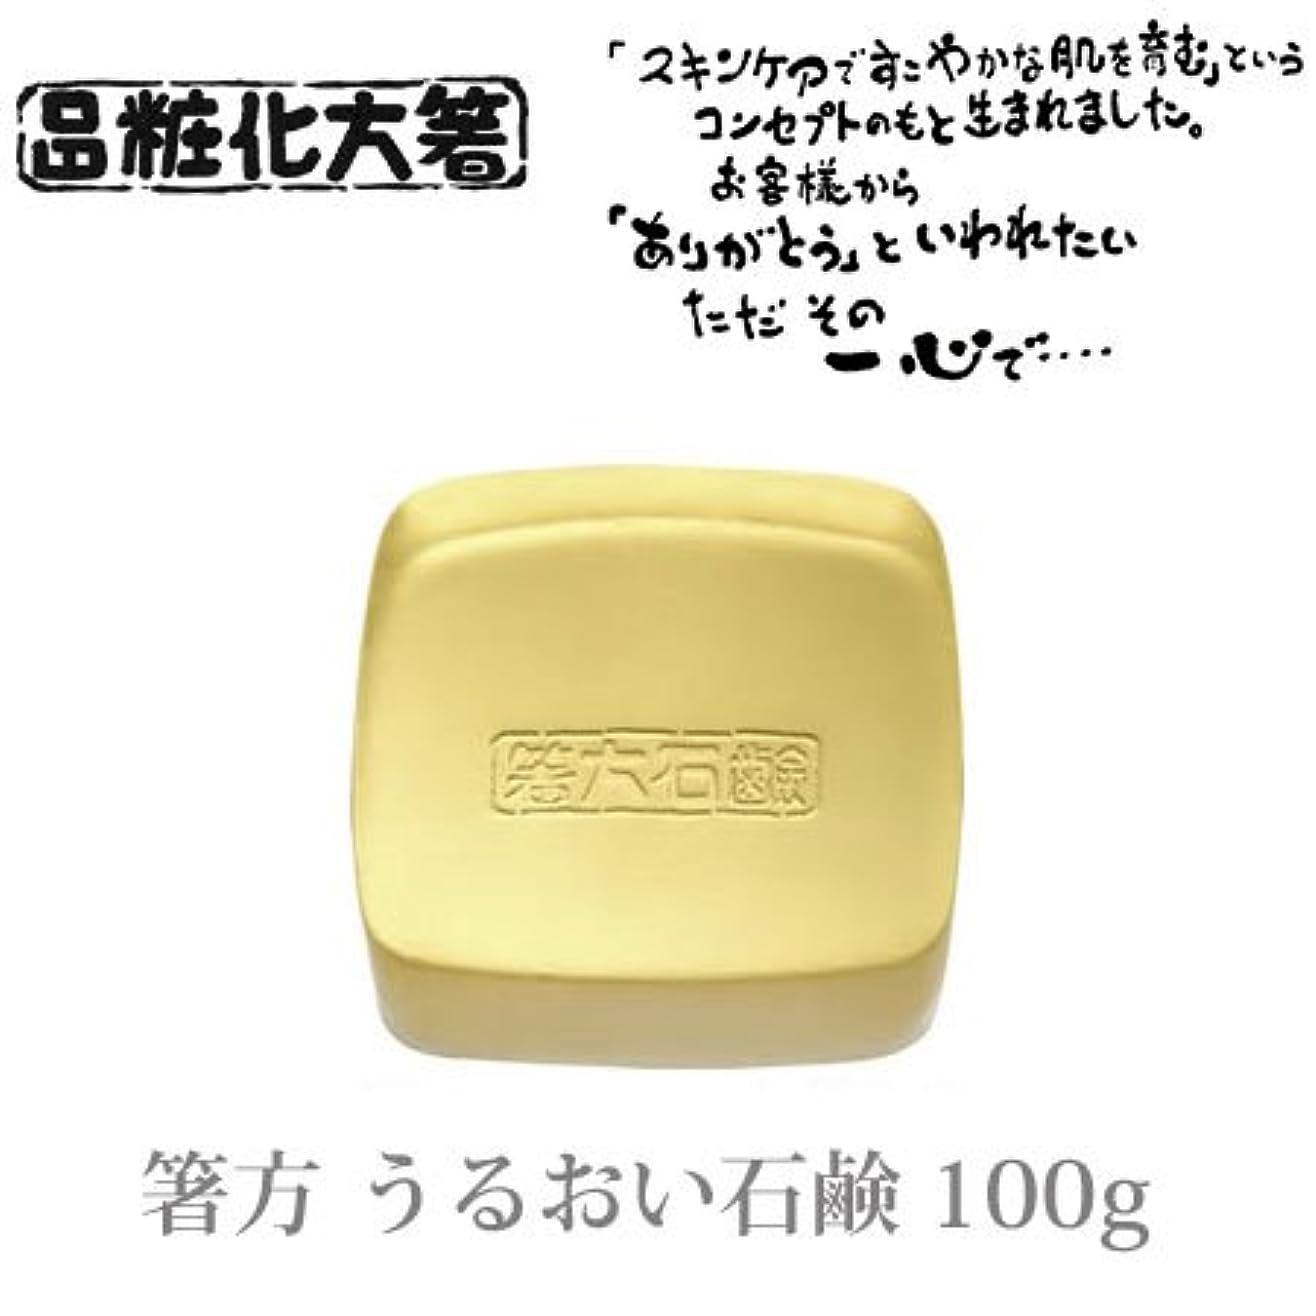 箸方化粧品 うるおい石鹸 100g はしかた化粧品